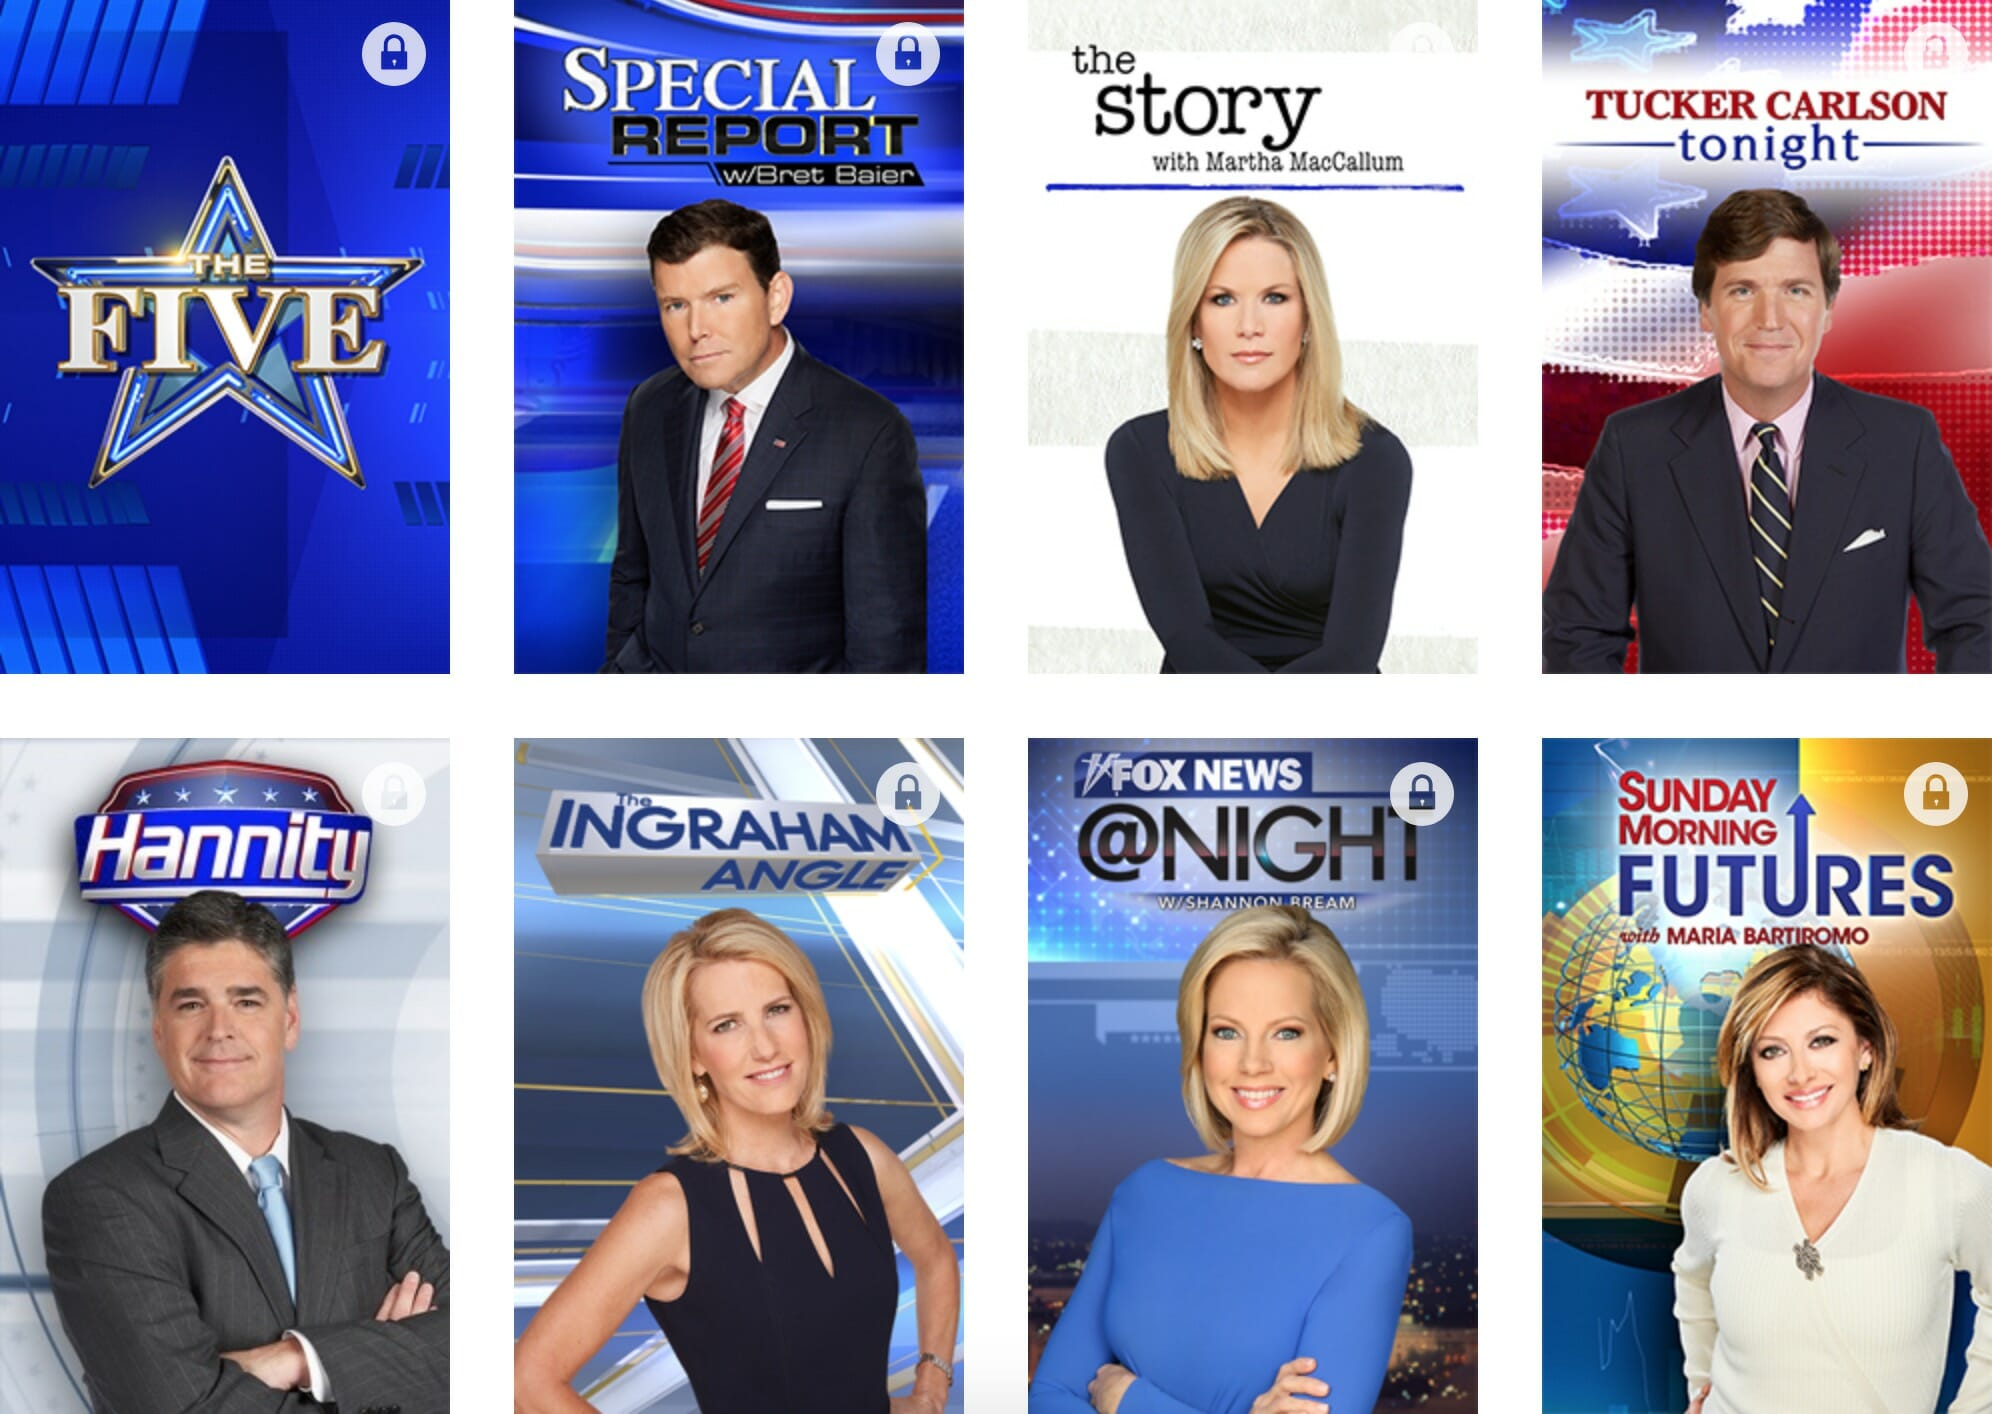 Fox News Live Stream 3 Ways to Watch for Free